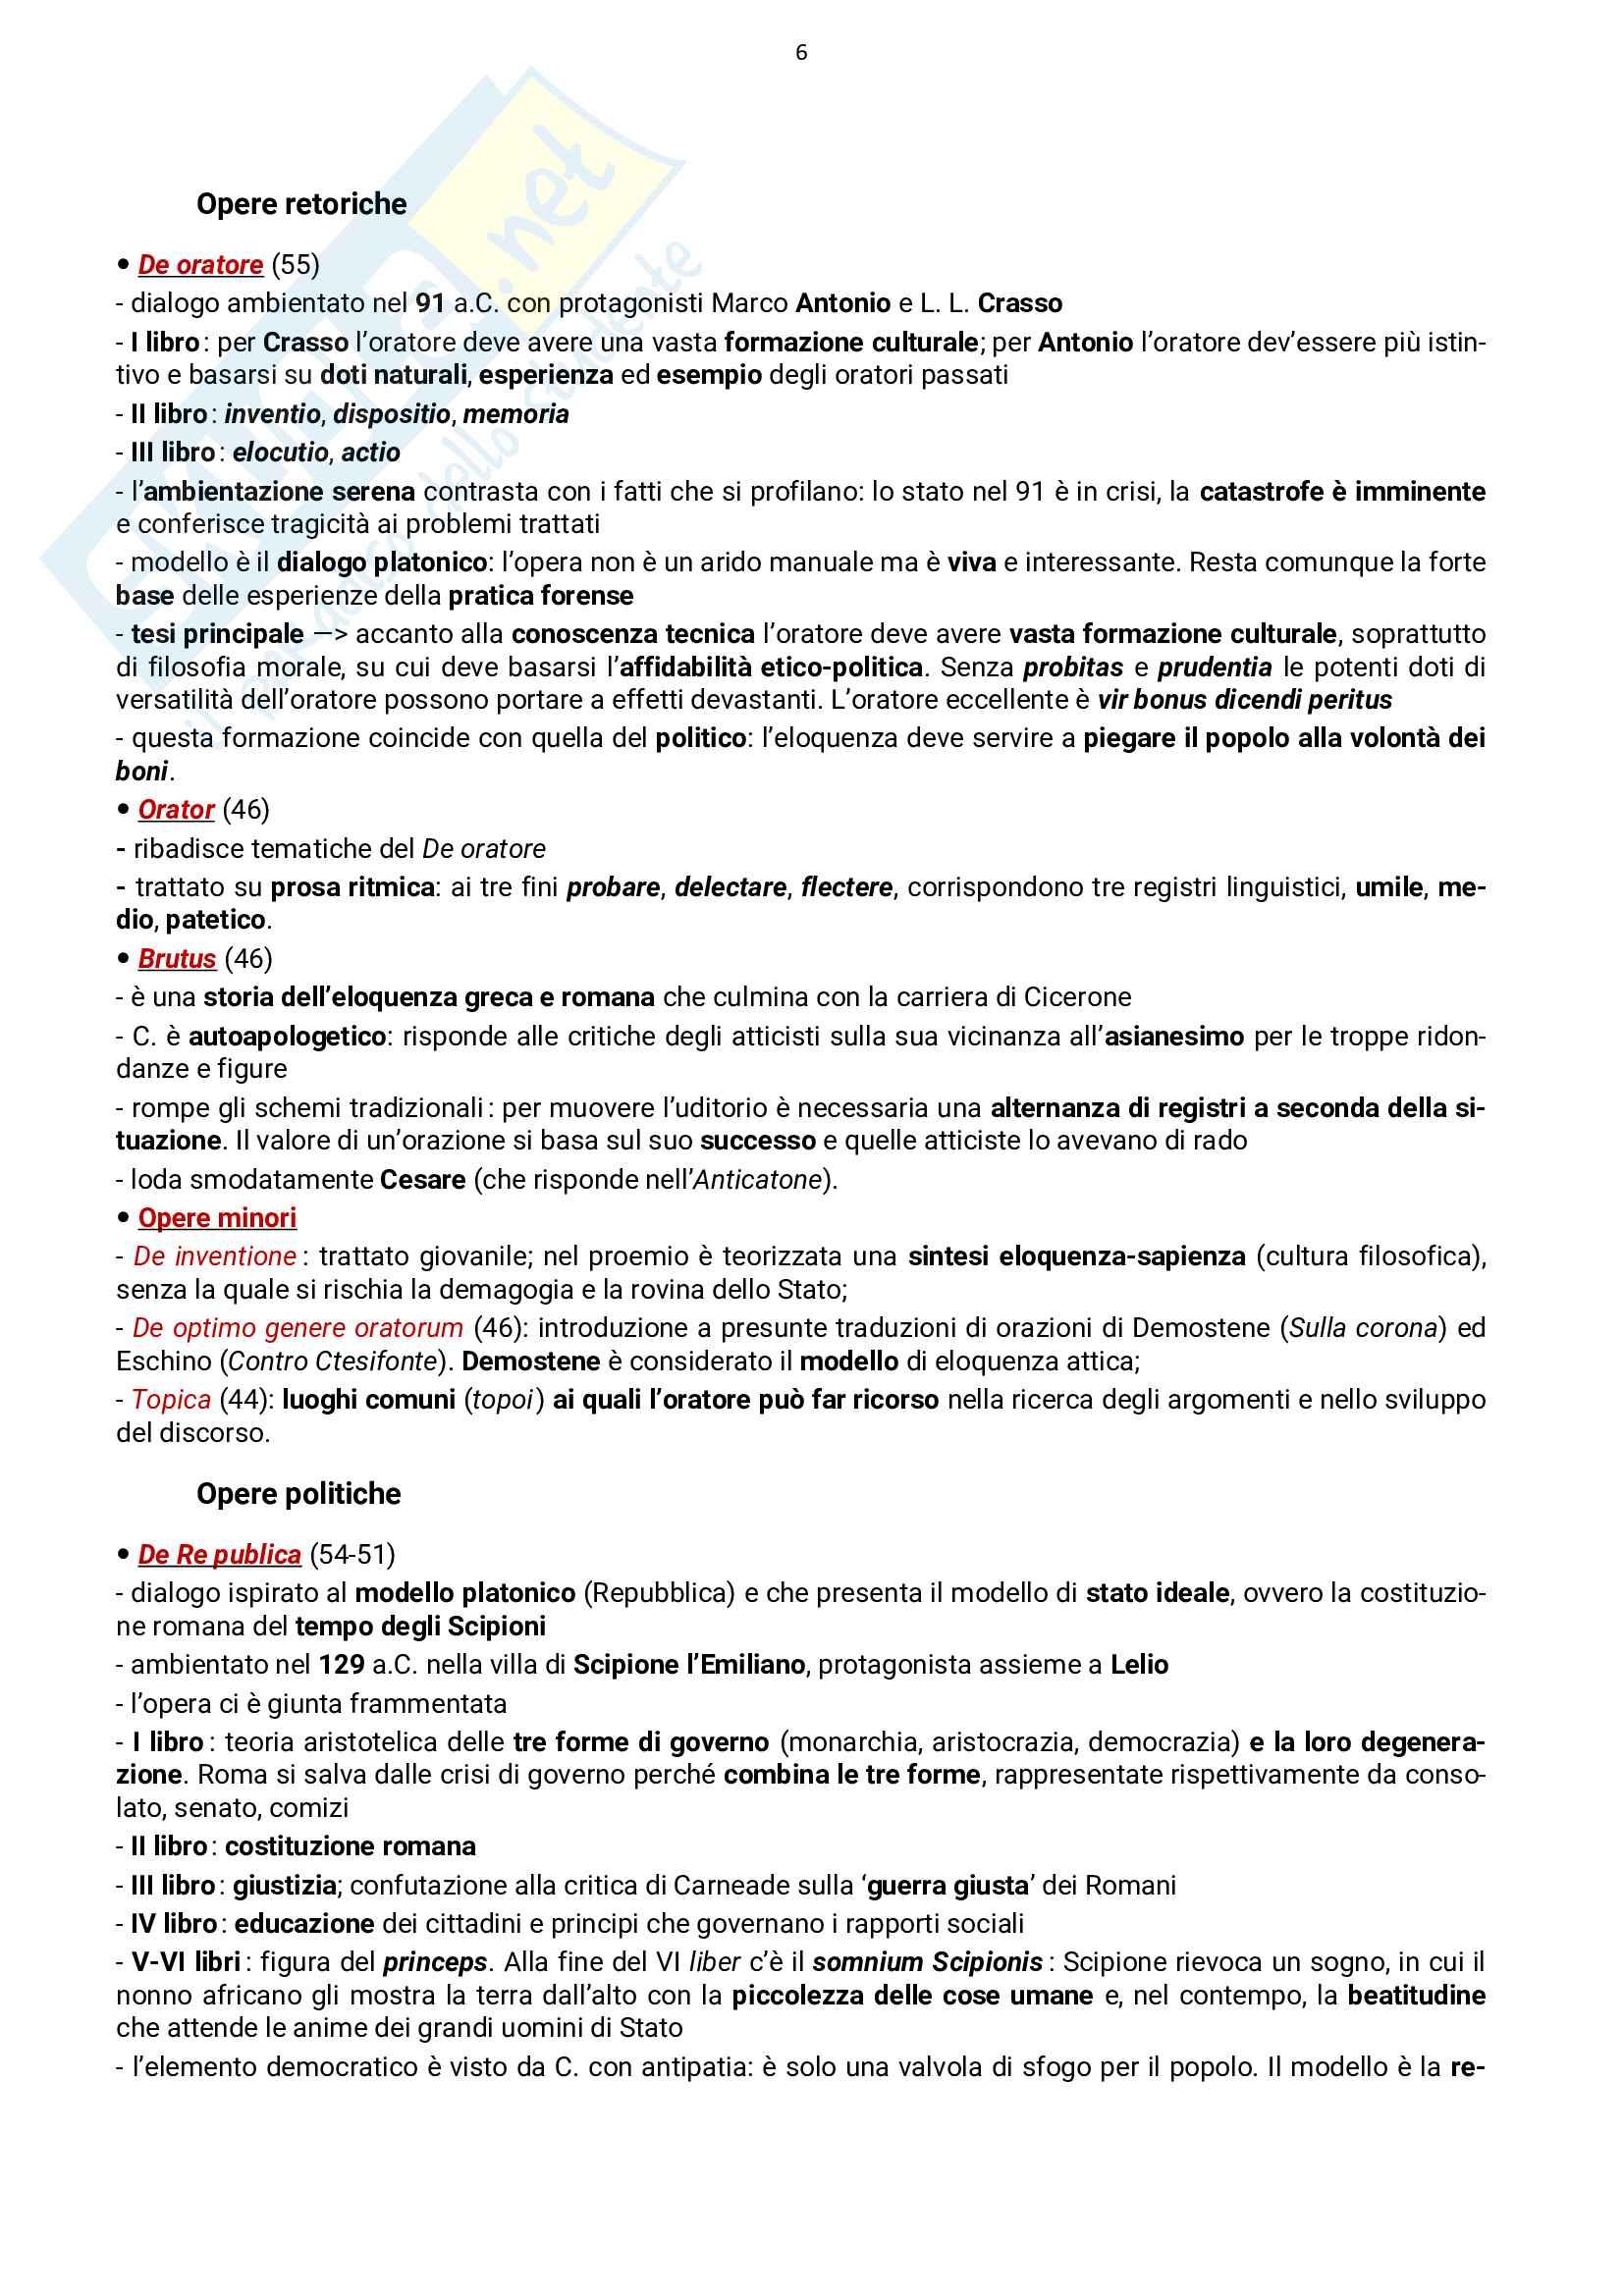 Autori latini: vita e opere, esame Letteratura Latina, prof. Stucchi, libro consigliato Conte Pag. 6